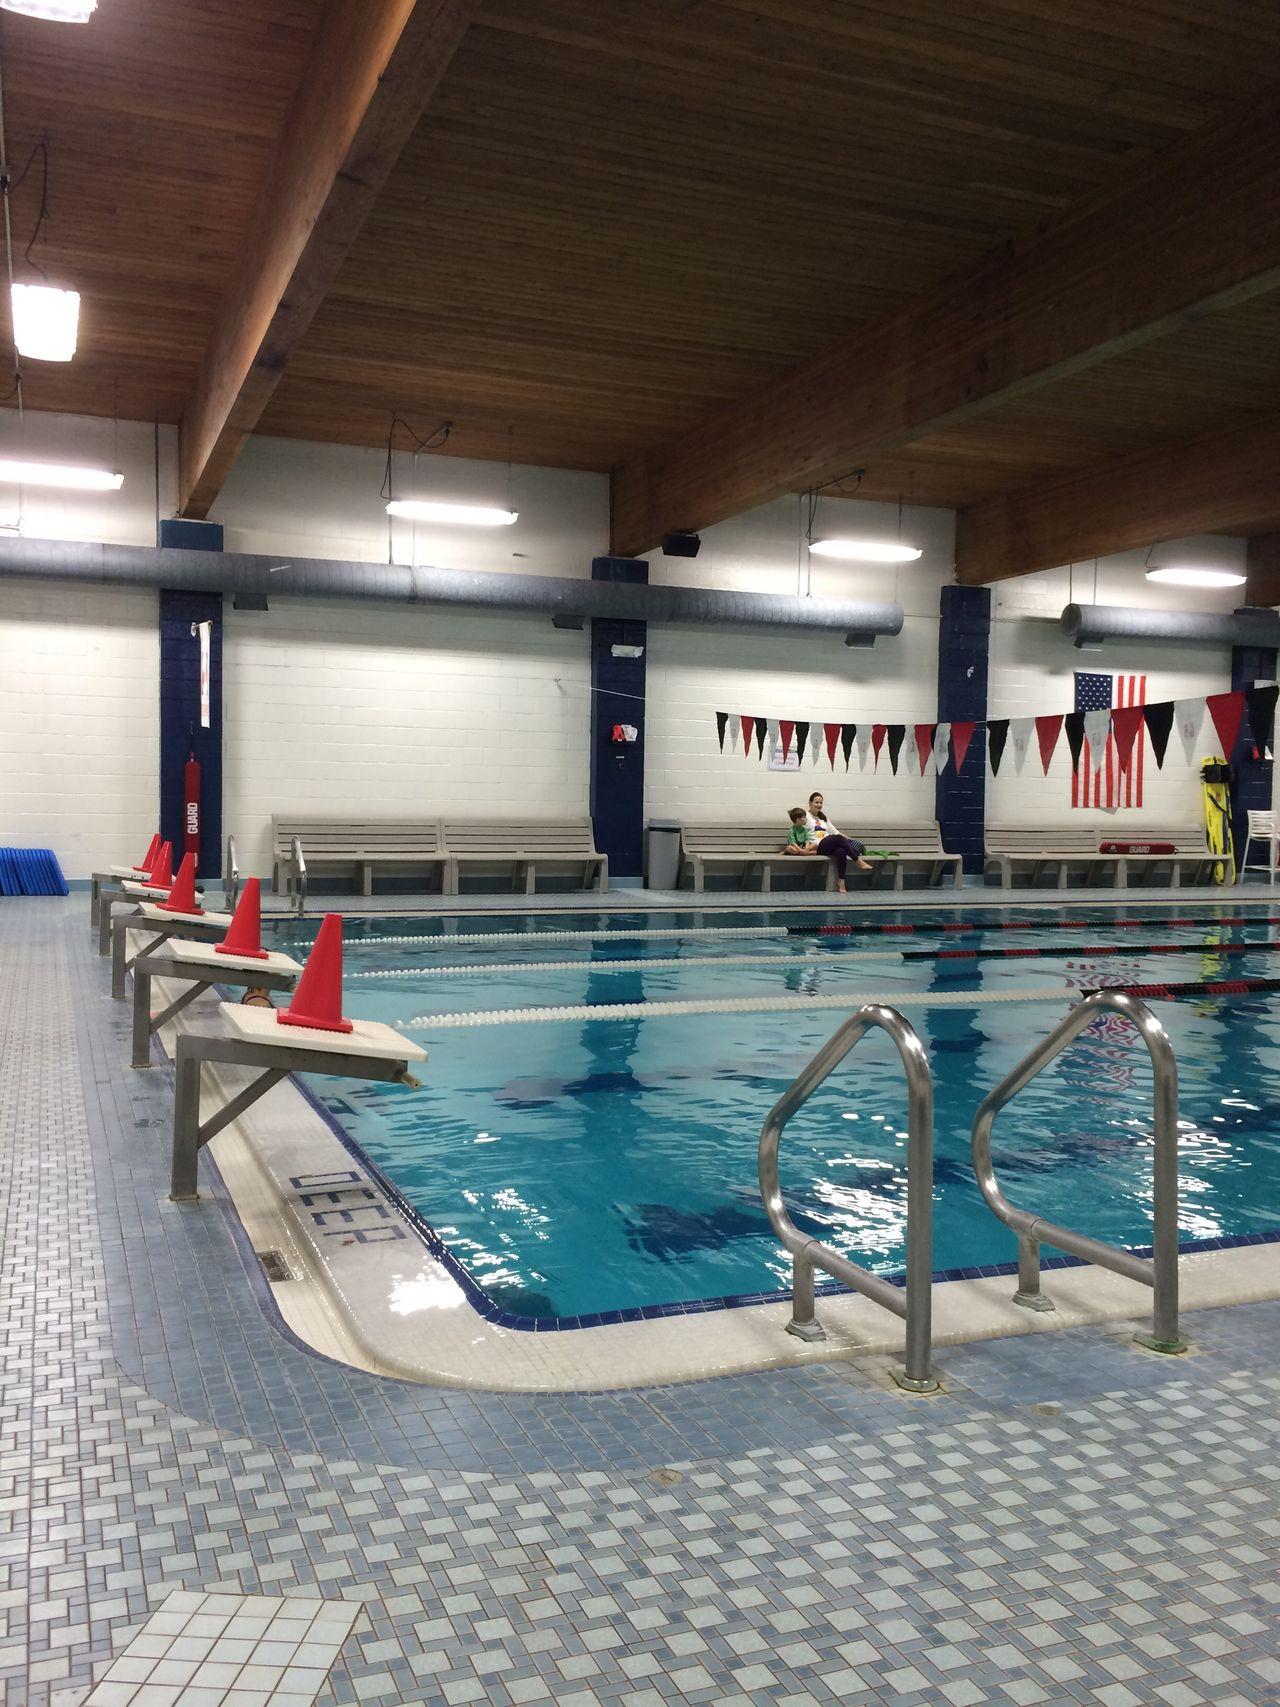 Swimming Swim Hall Swimming Pool Swimmingpool Pool Swim Lessons Swimming Time Water Swiming Pool